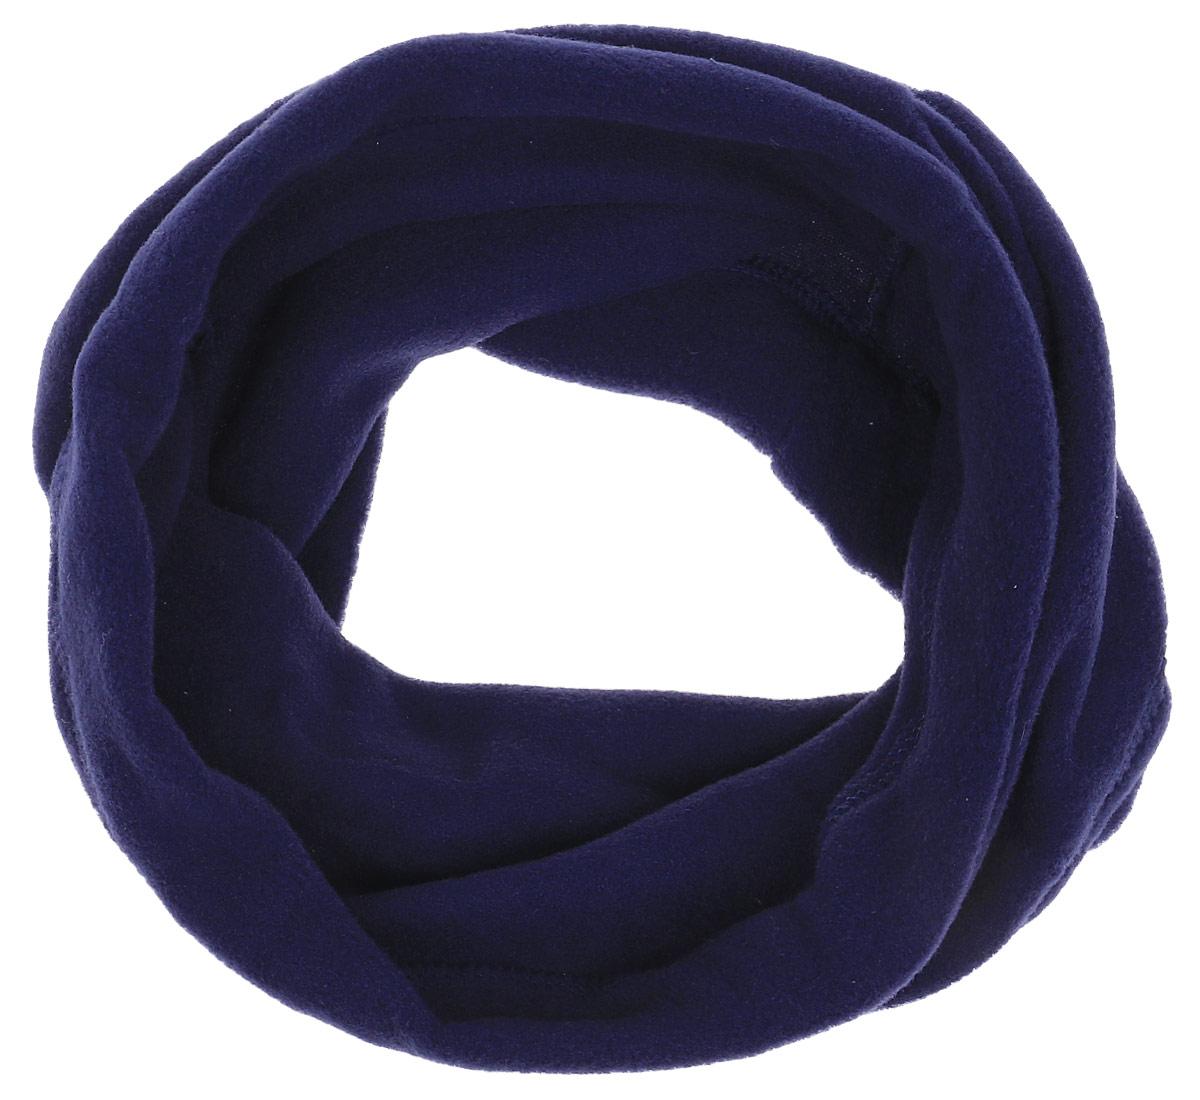 Шарф Buff Polar, цвет: фиолетовый. 107920.00. Размер универсальный - Национальная Атрибутика